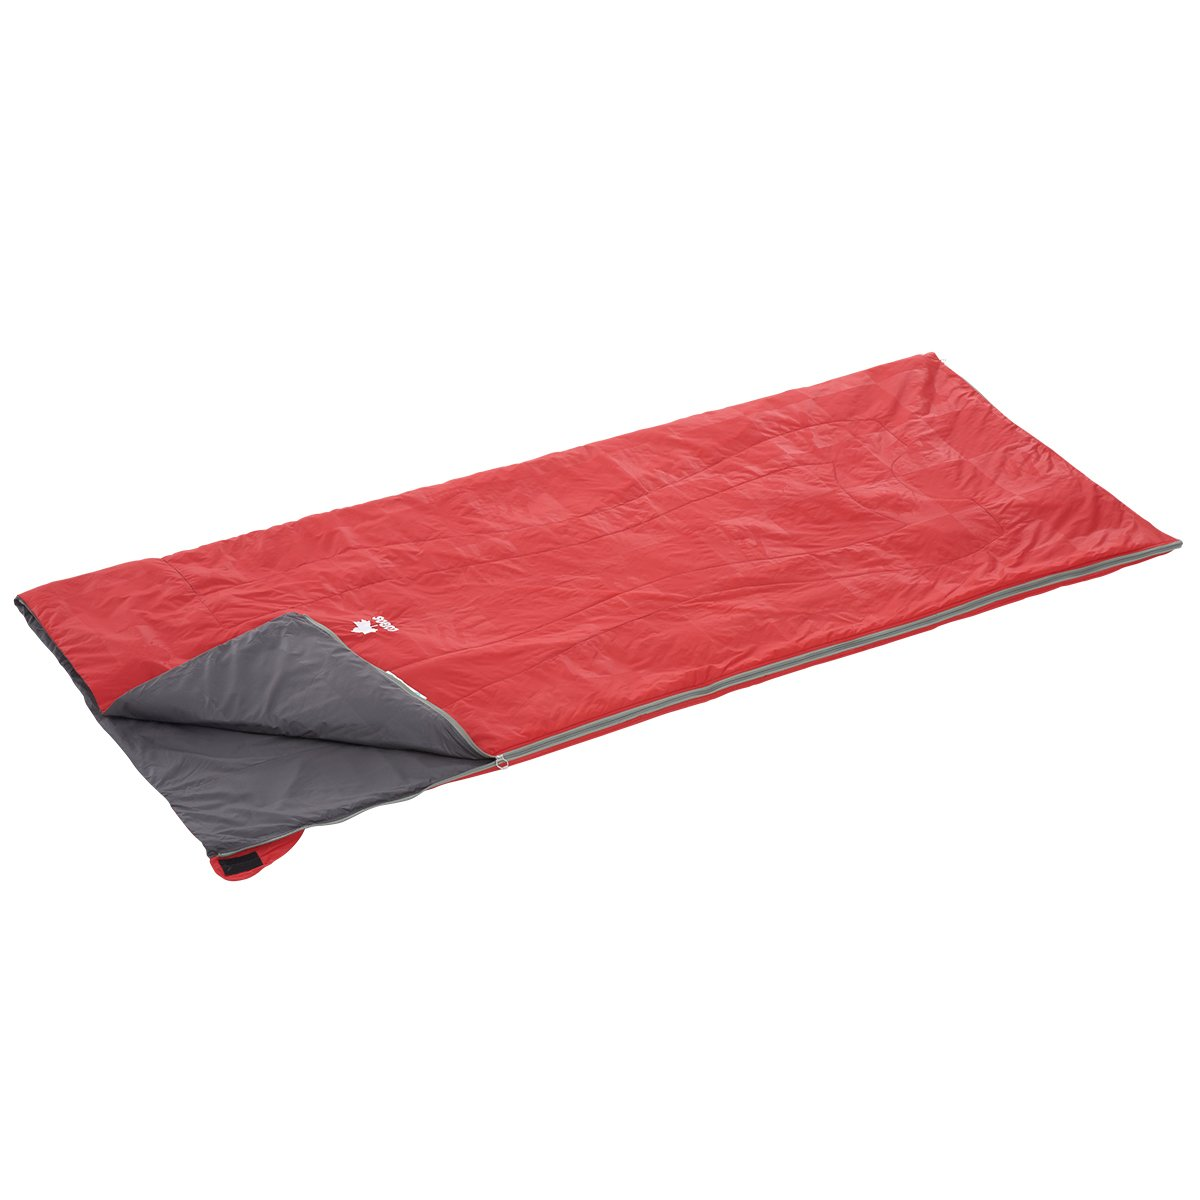 ロゴス 寝袋 スーパーコンパクトシュラフ・15